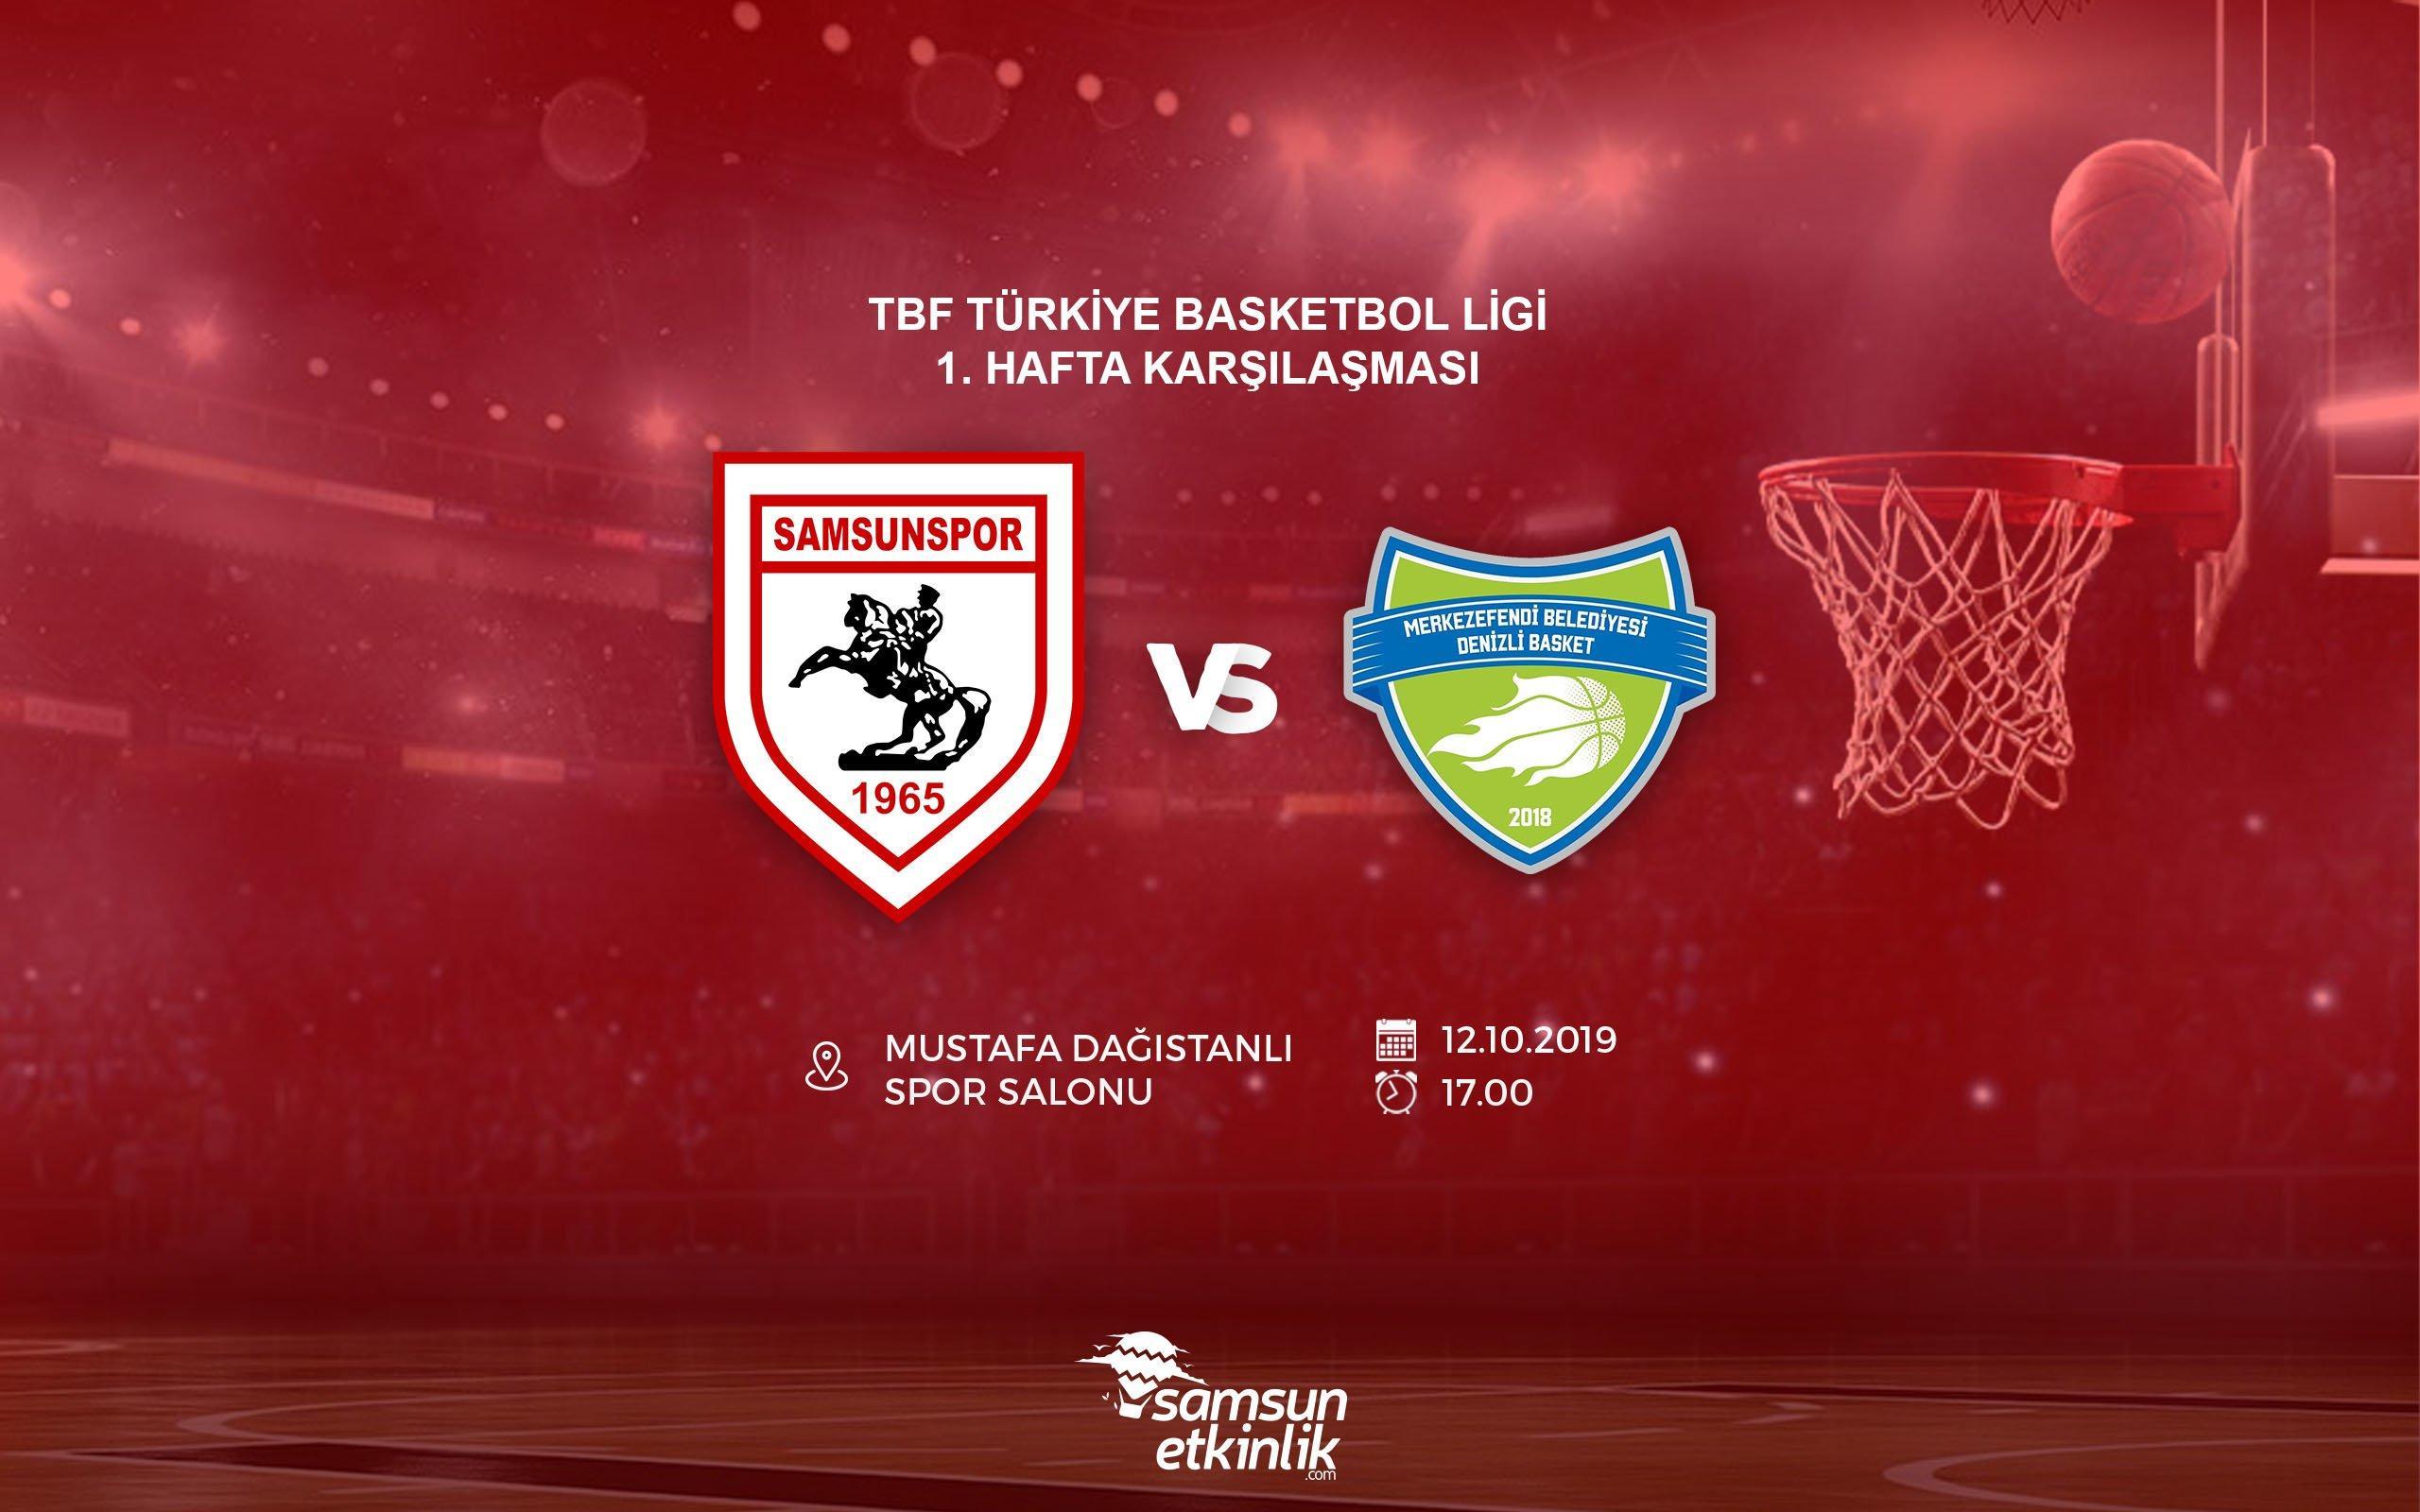 Samsunspor Basketbol - Merkezefendi Belediyesi